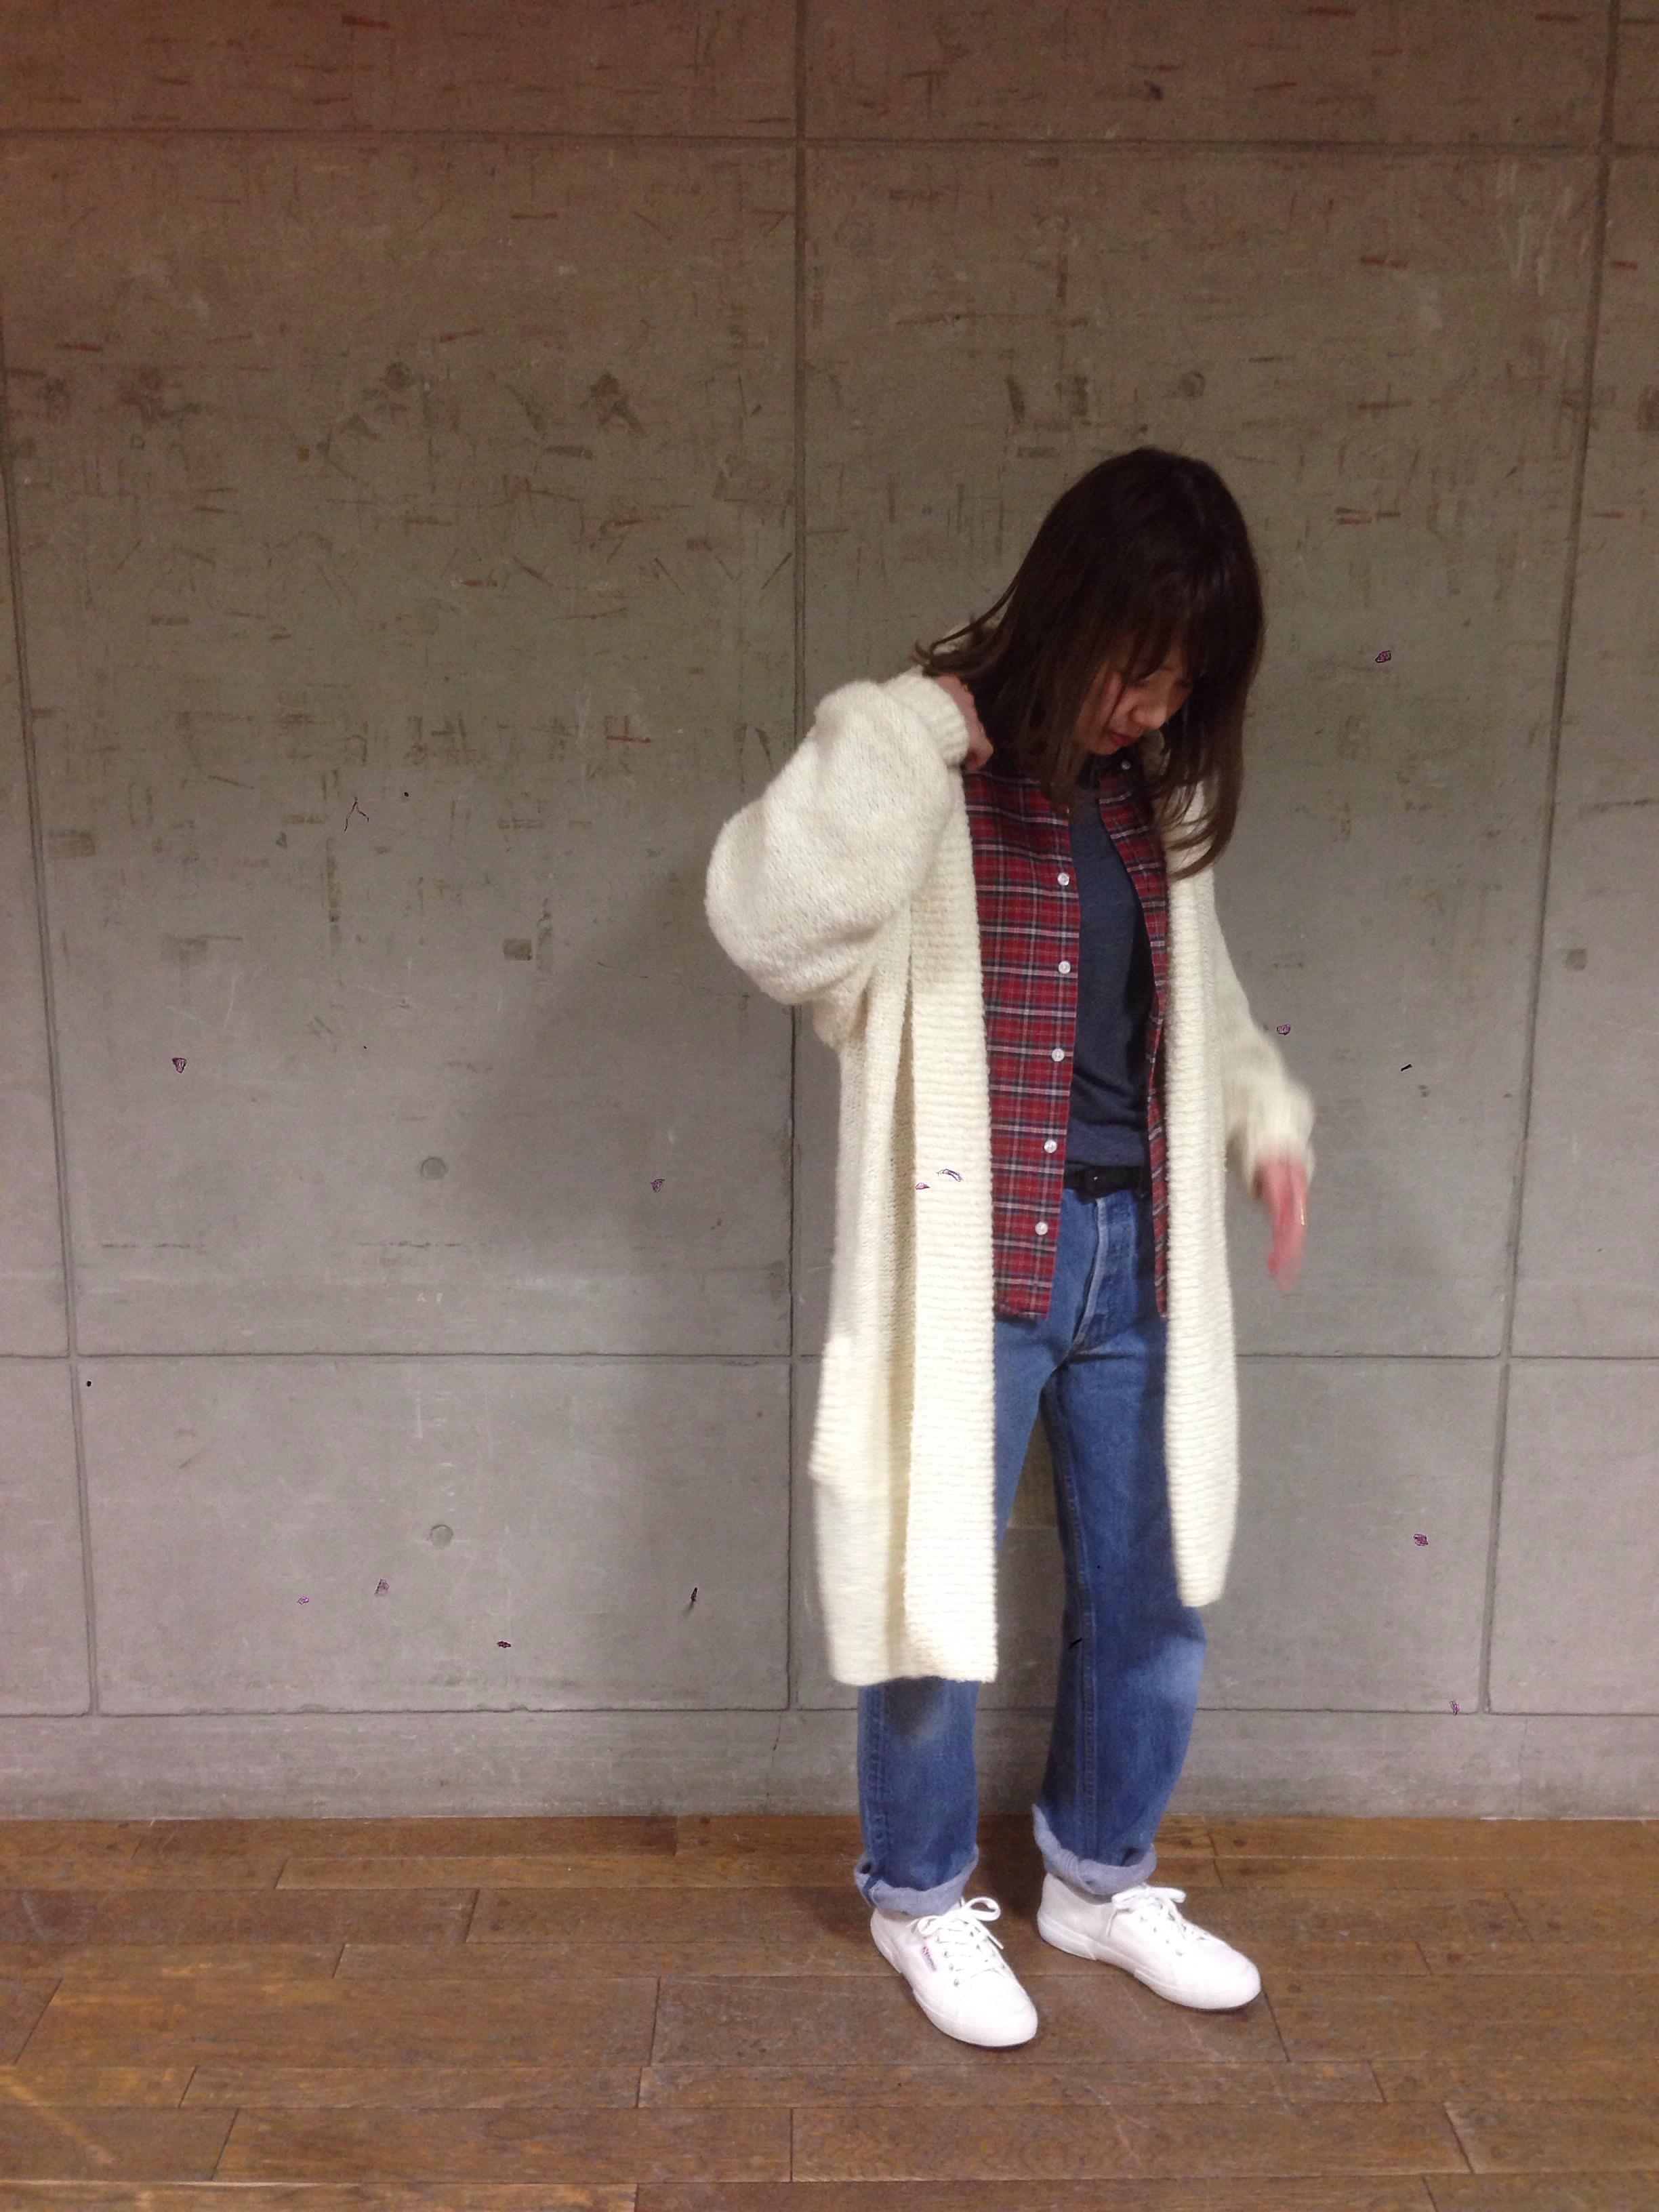 fc2blog_201702141500323ae.jpg